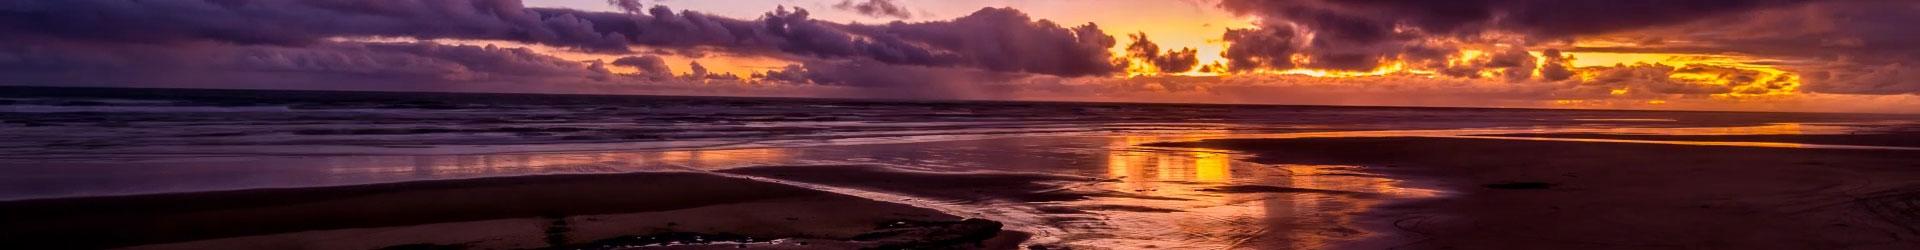 https://www.dargavillenz.com/uploads/images/Beach-sunset-banner.jpg